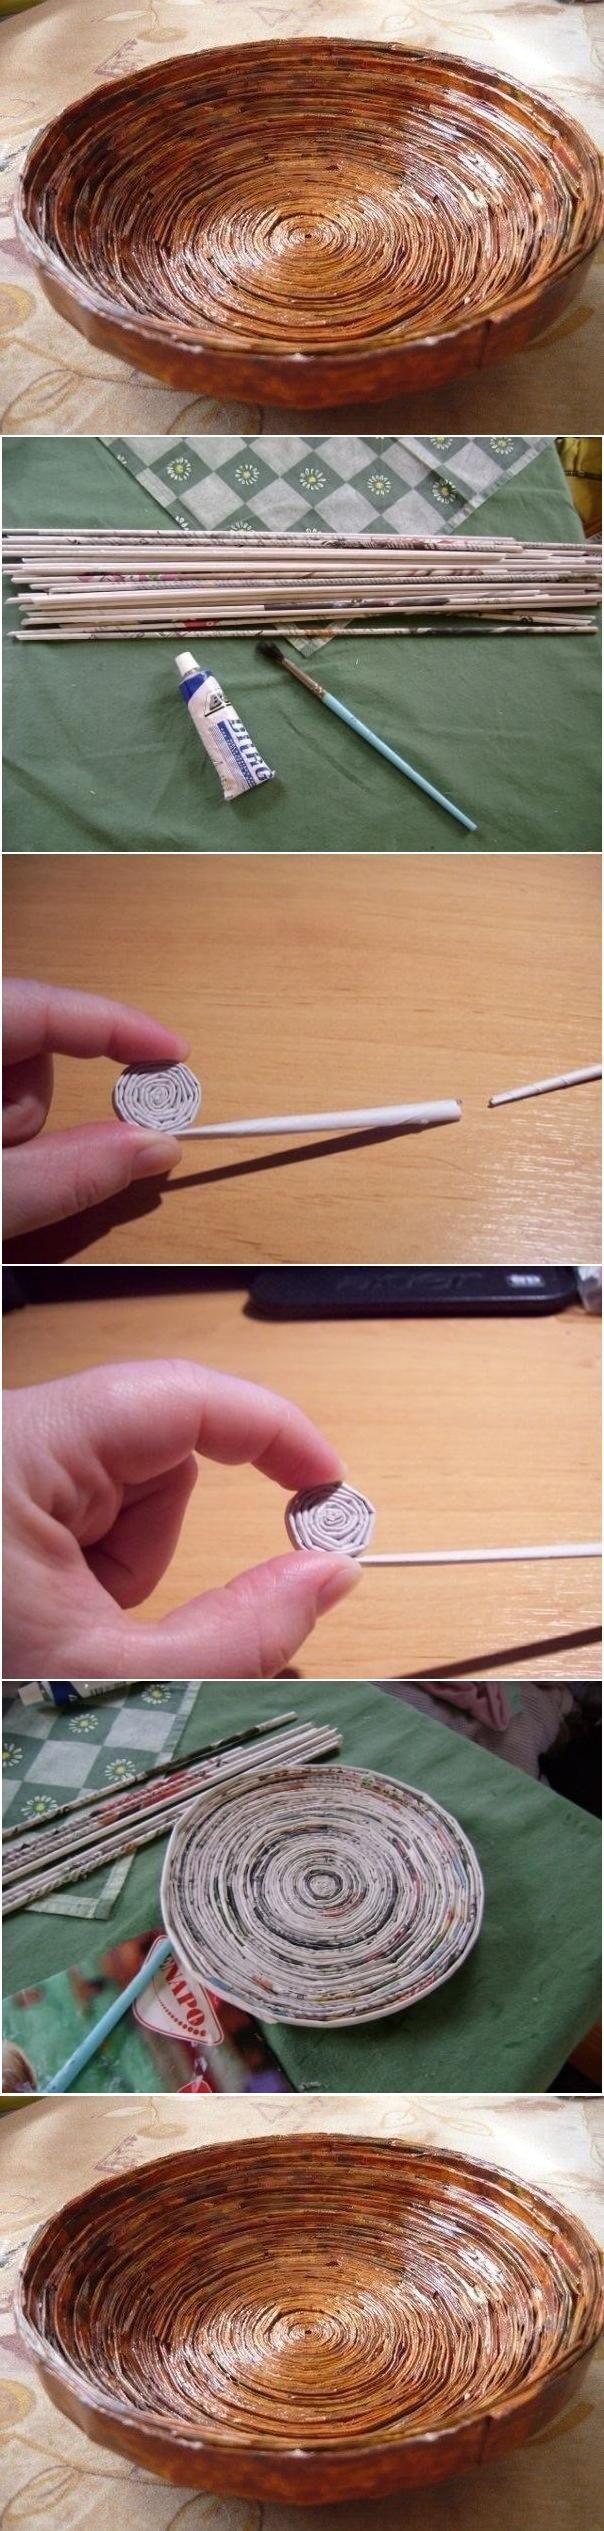 con la misma tecnica pueden hacer posa vasos